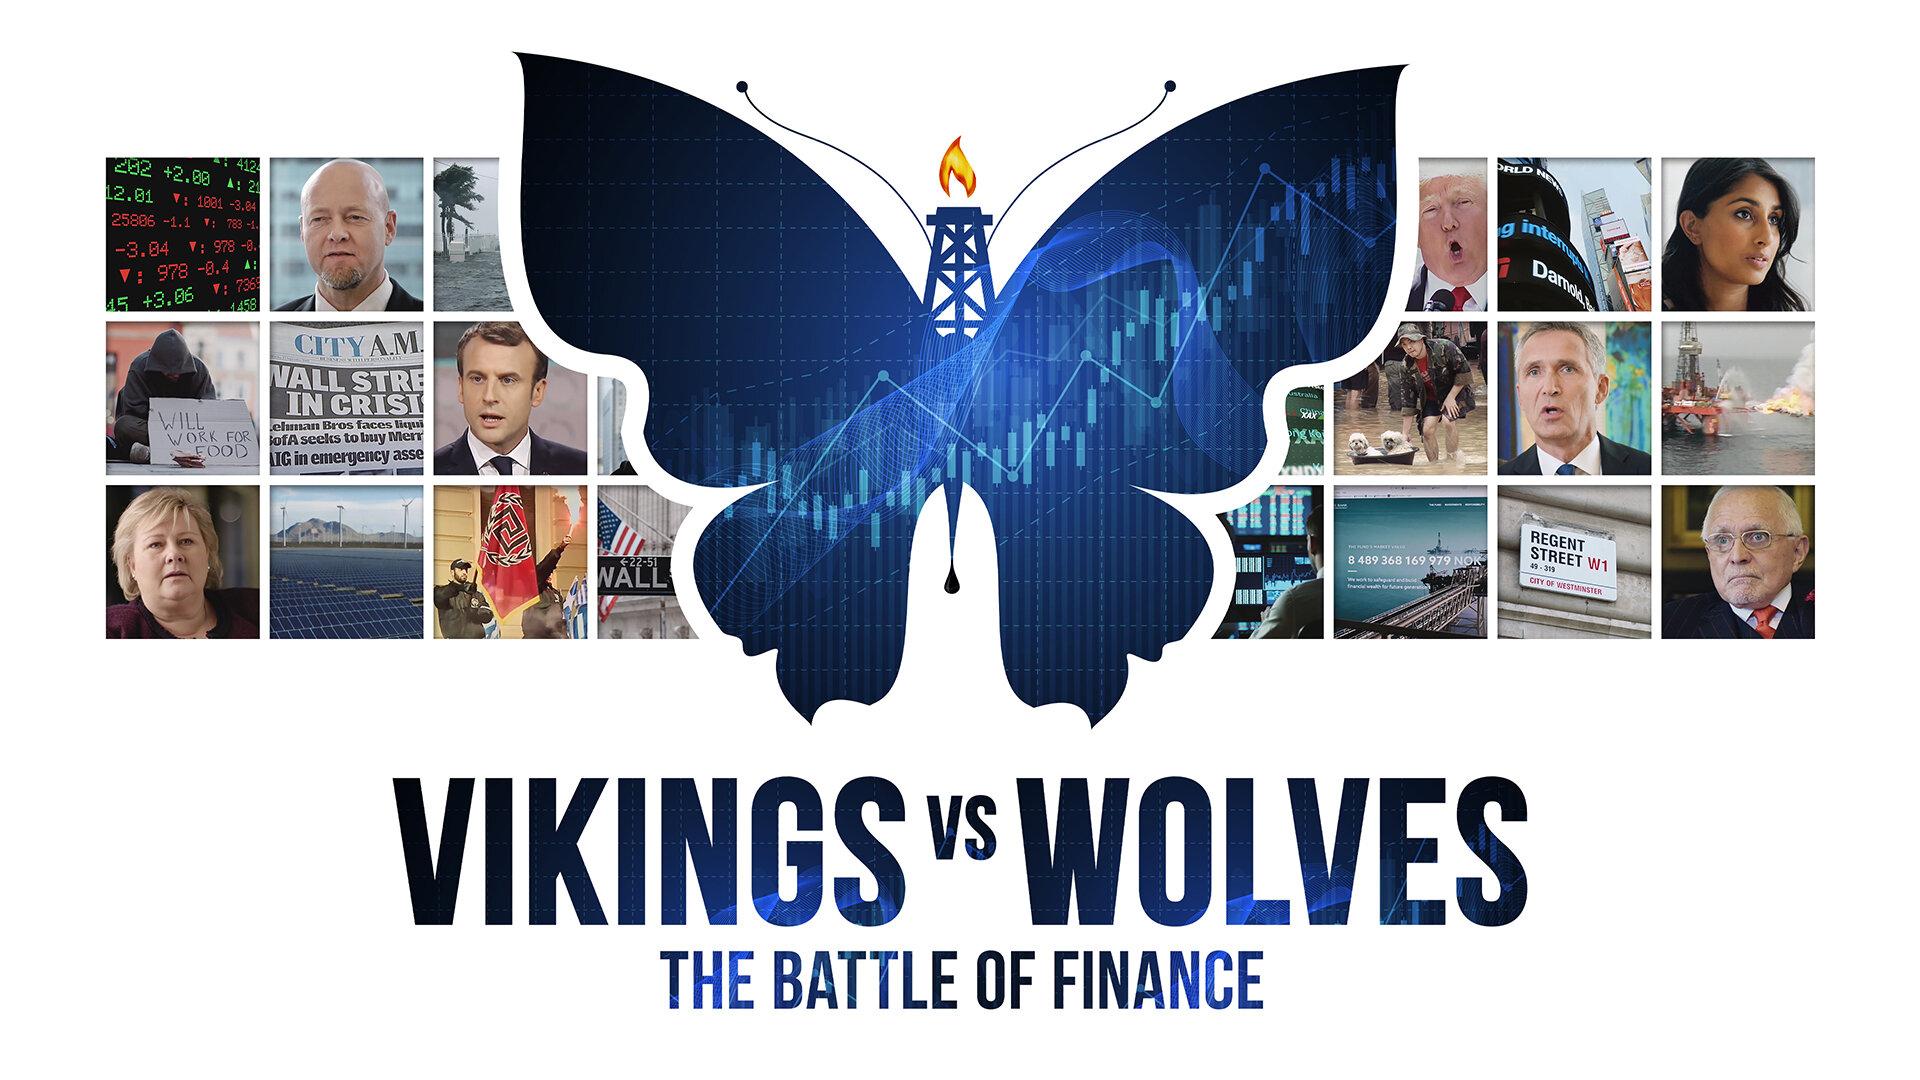 POSTER_Vikings-vs-Wolves_1920x1080px-kopi.jpg